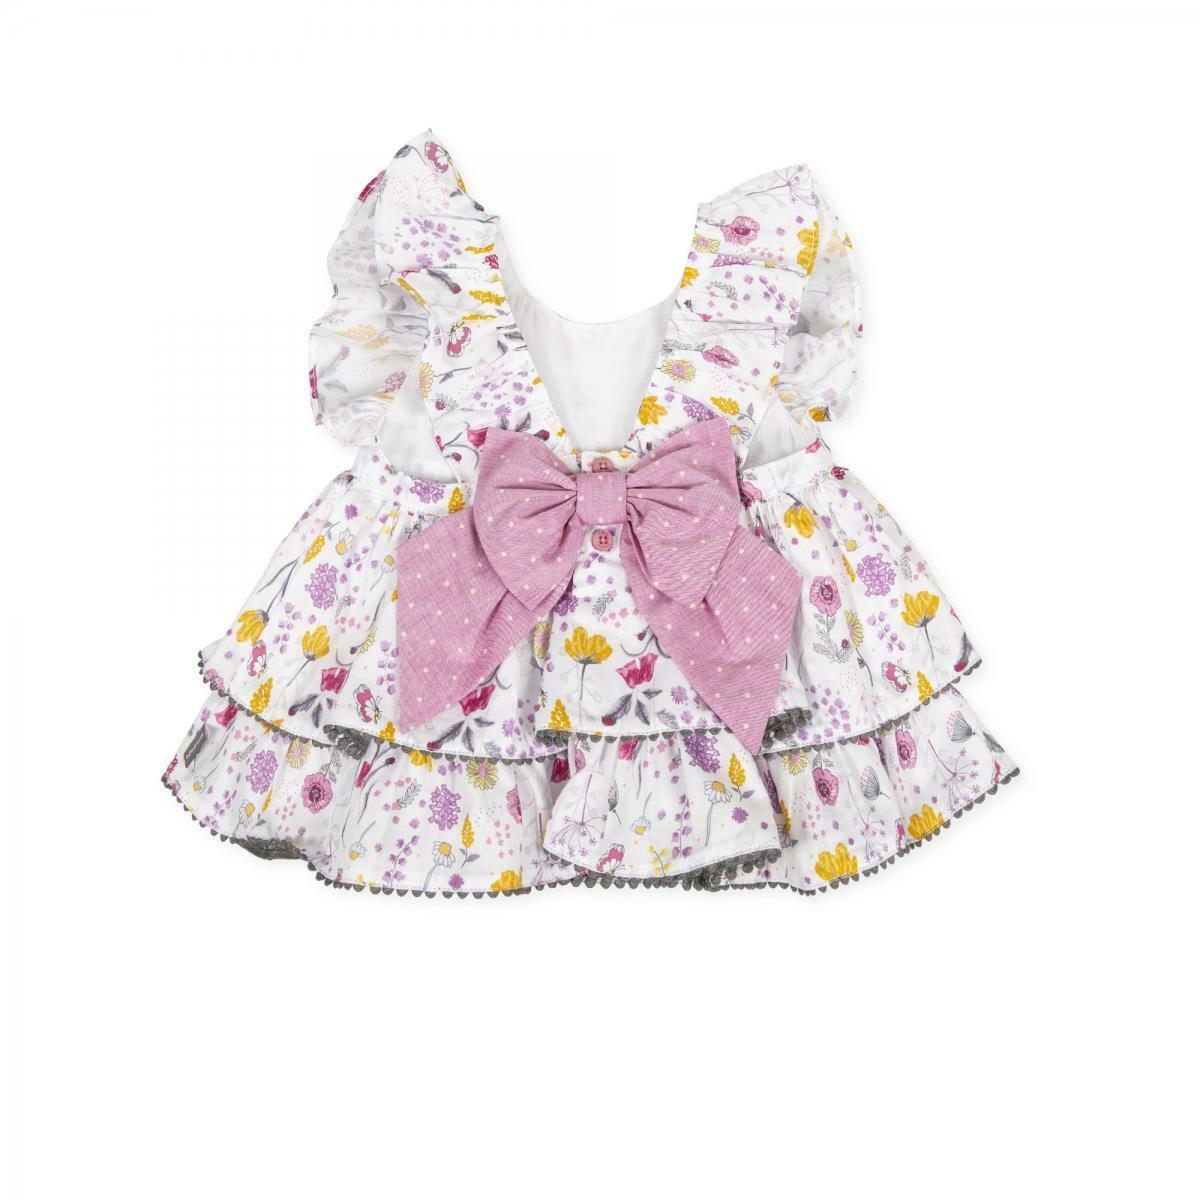 tutto piccolo tutto piccolo vestitino bambina bianco fantas. 8218s201